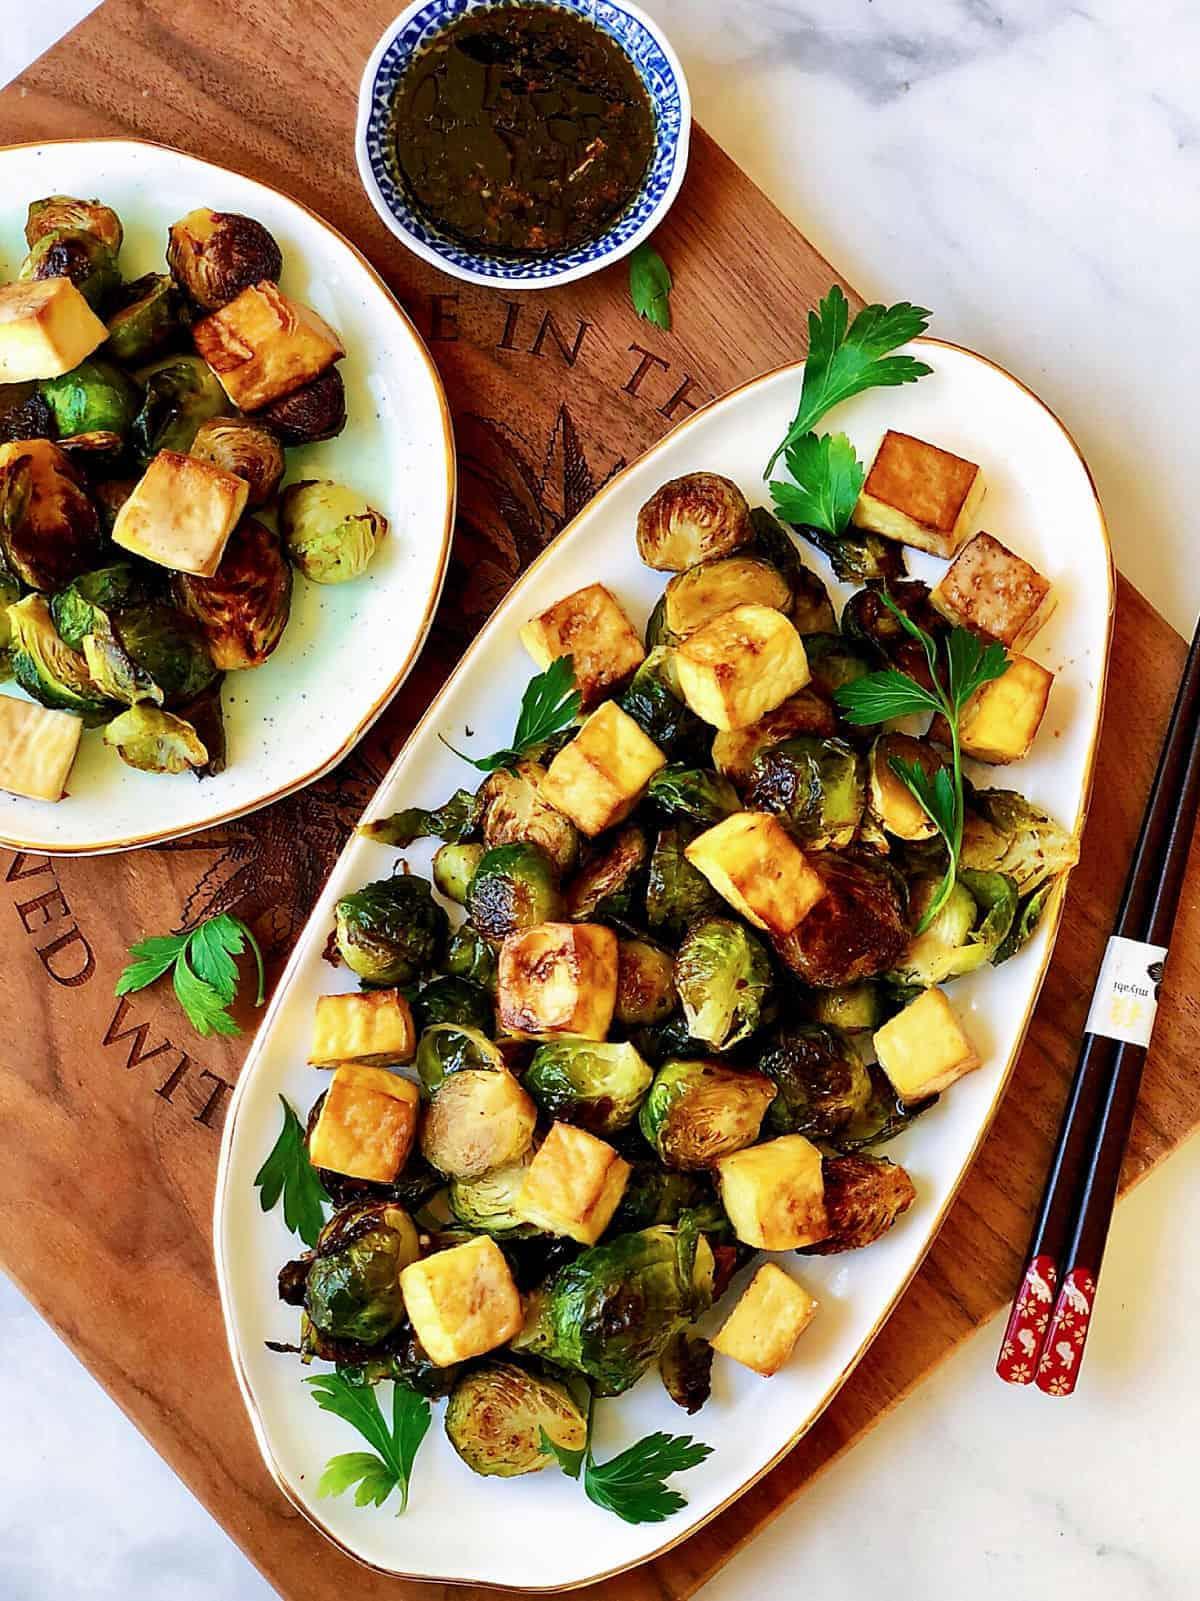 烤球芽甘藍 &烤香脆豆腐 &無糖糖醋芝麻醬-素食生酮-1石2鳥料理